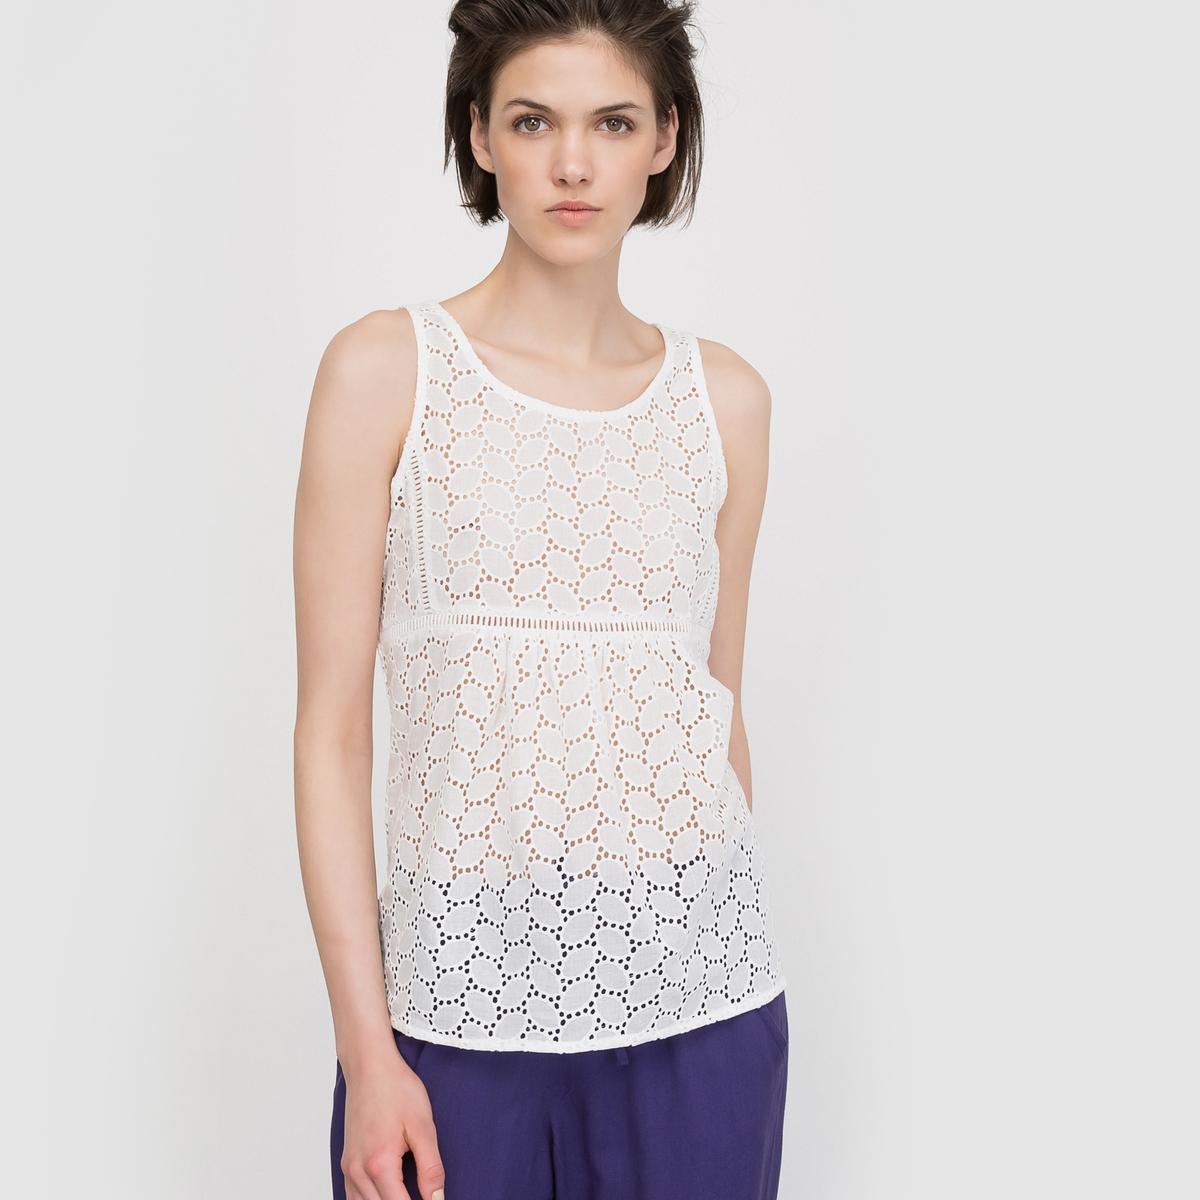 Блузка без рукавов с английской вышивкой